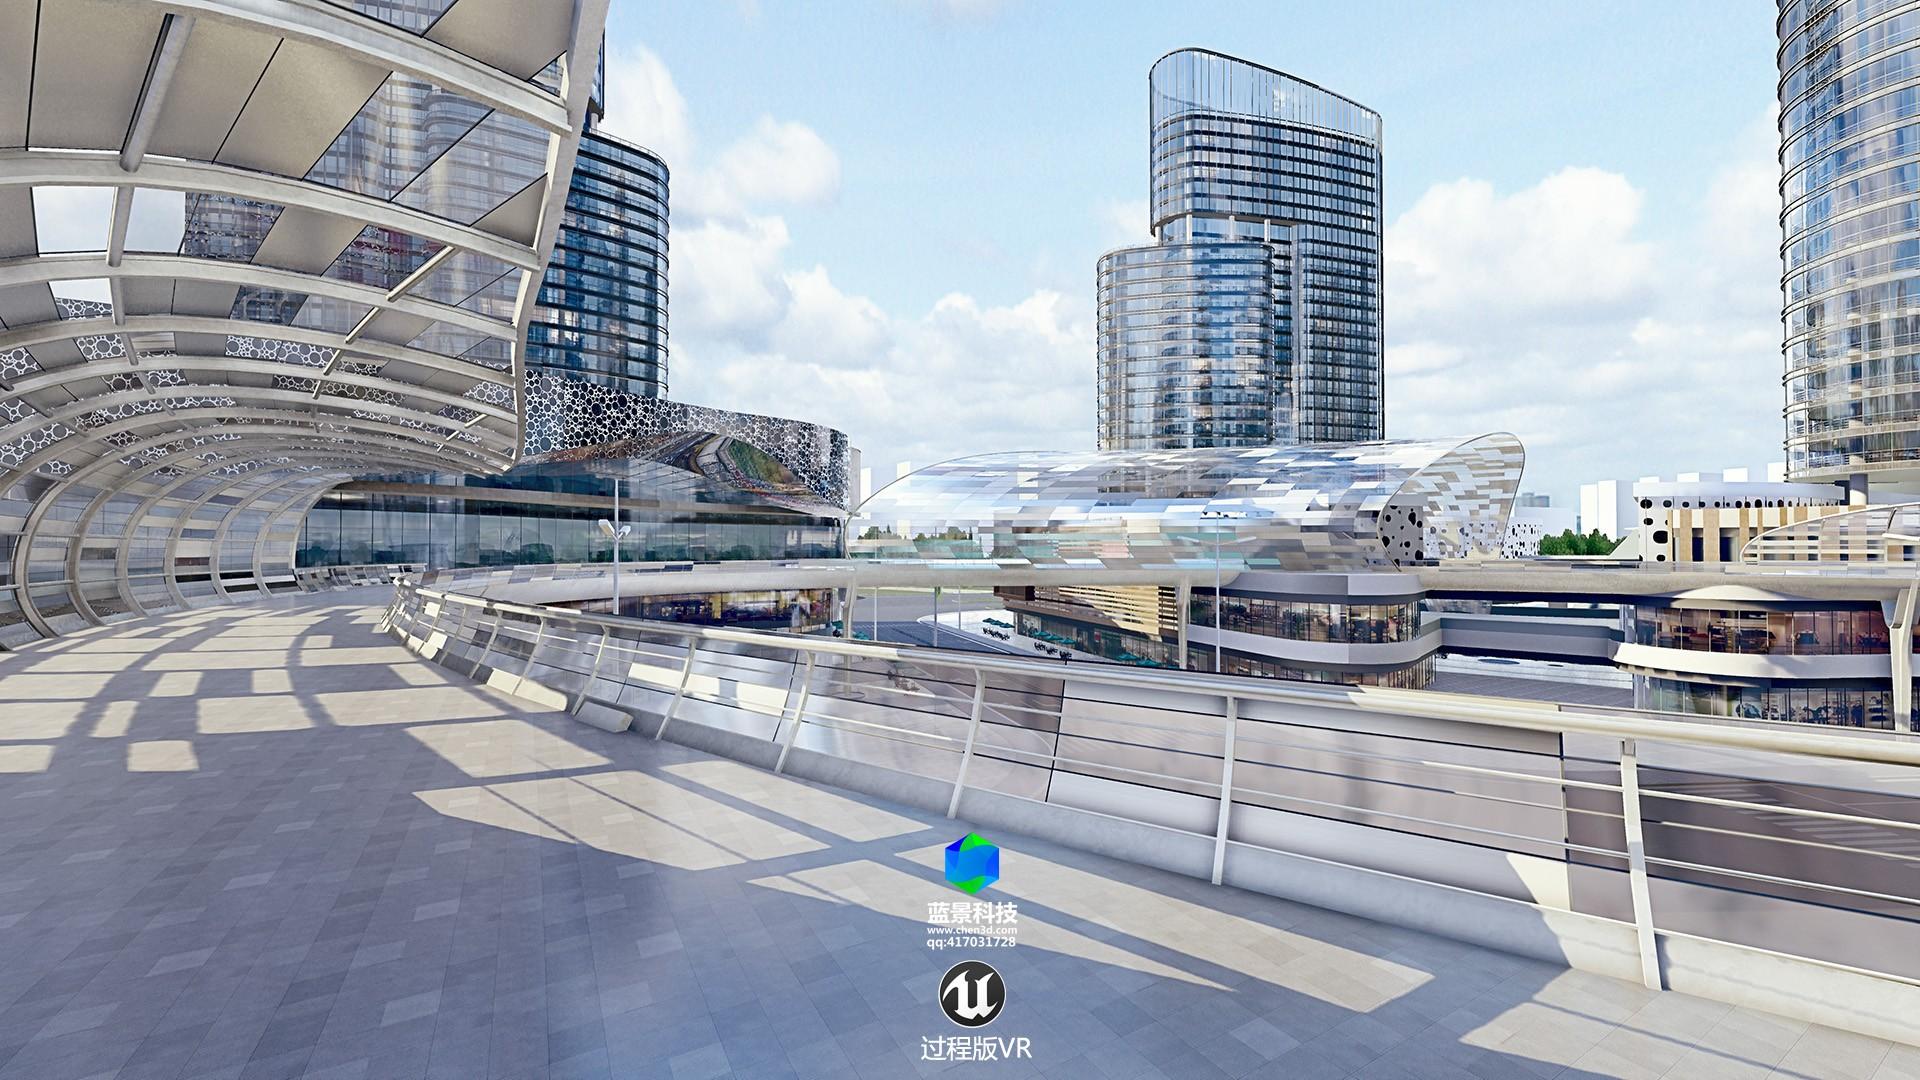 VR|UE4|虚拟现实|虚拟楼盘